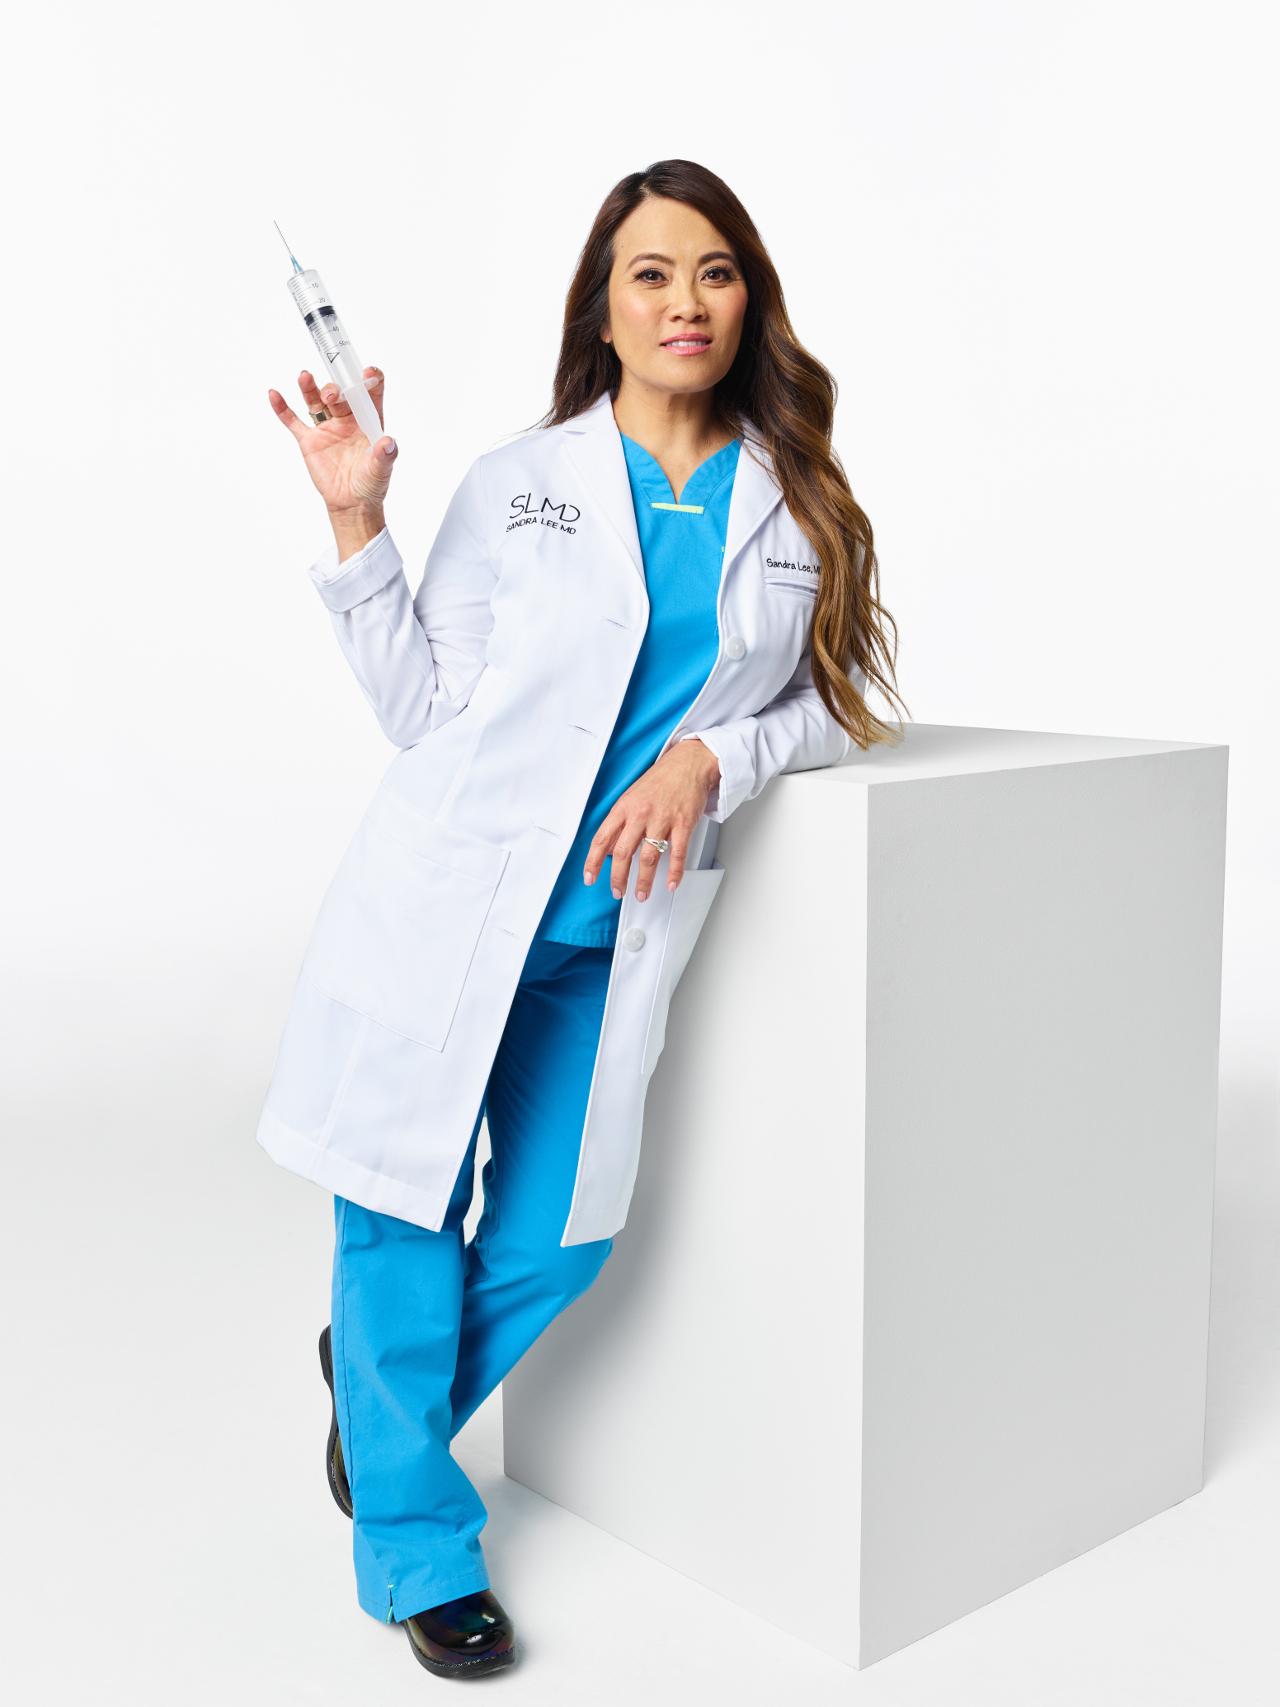 Dr Sandra Lee